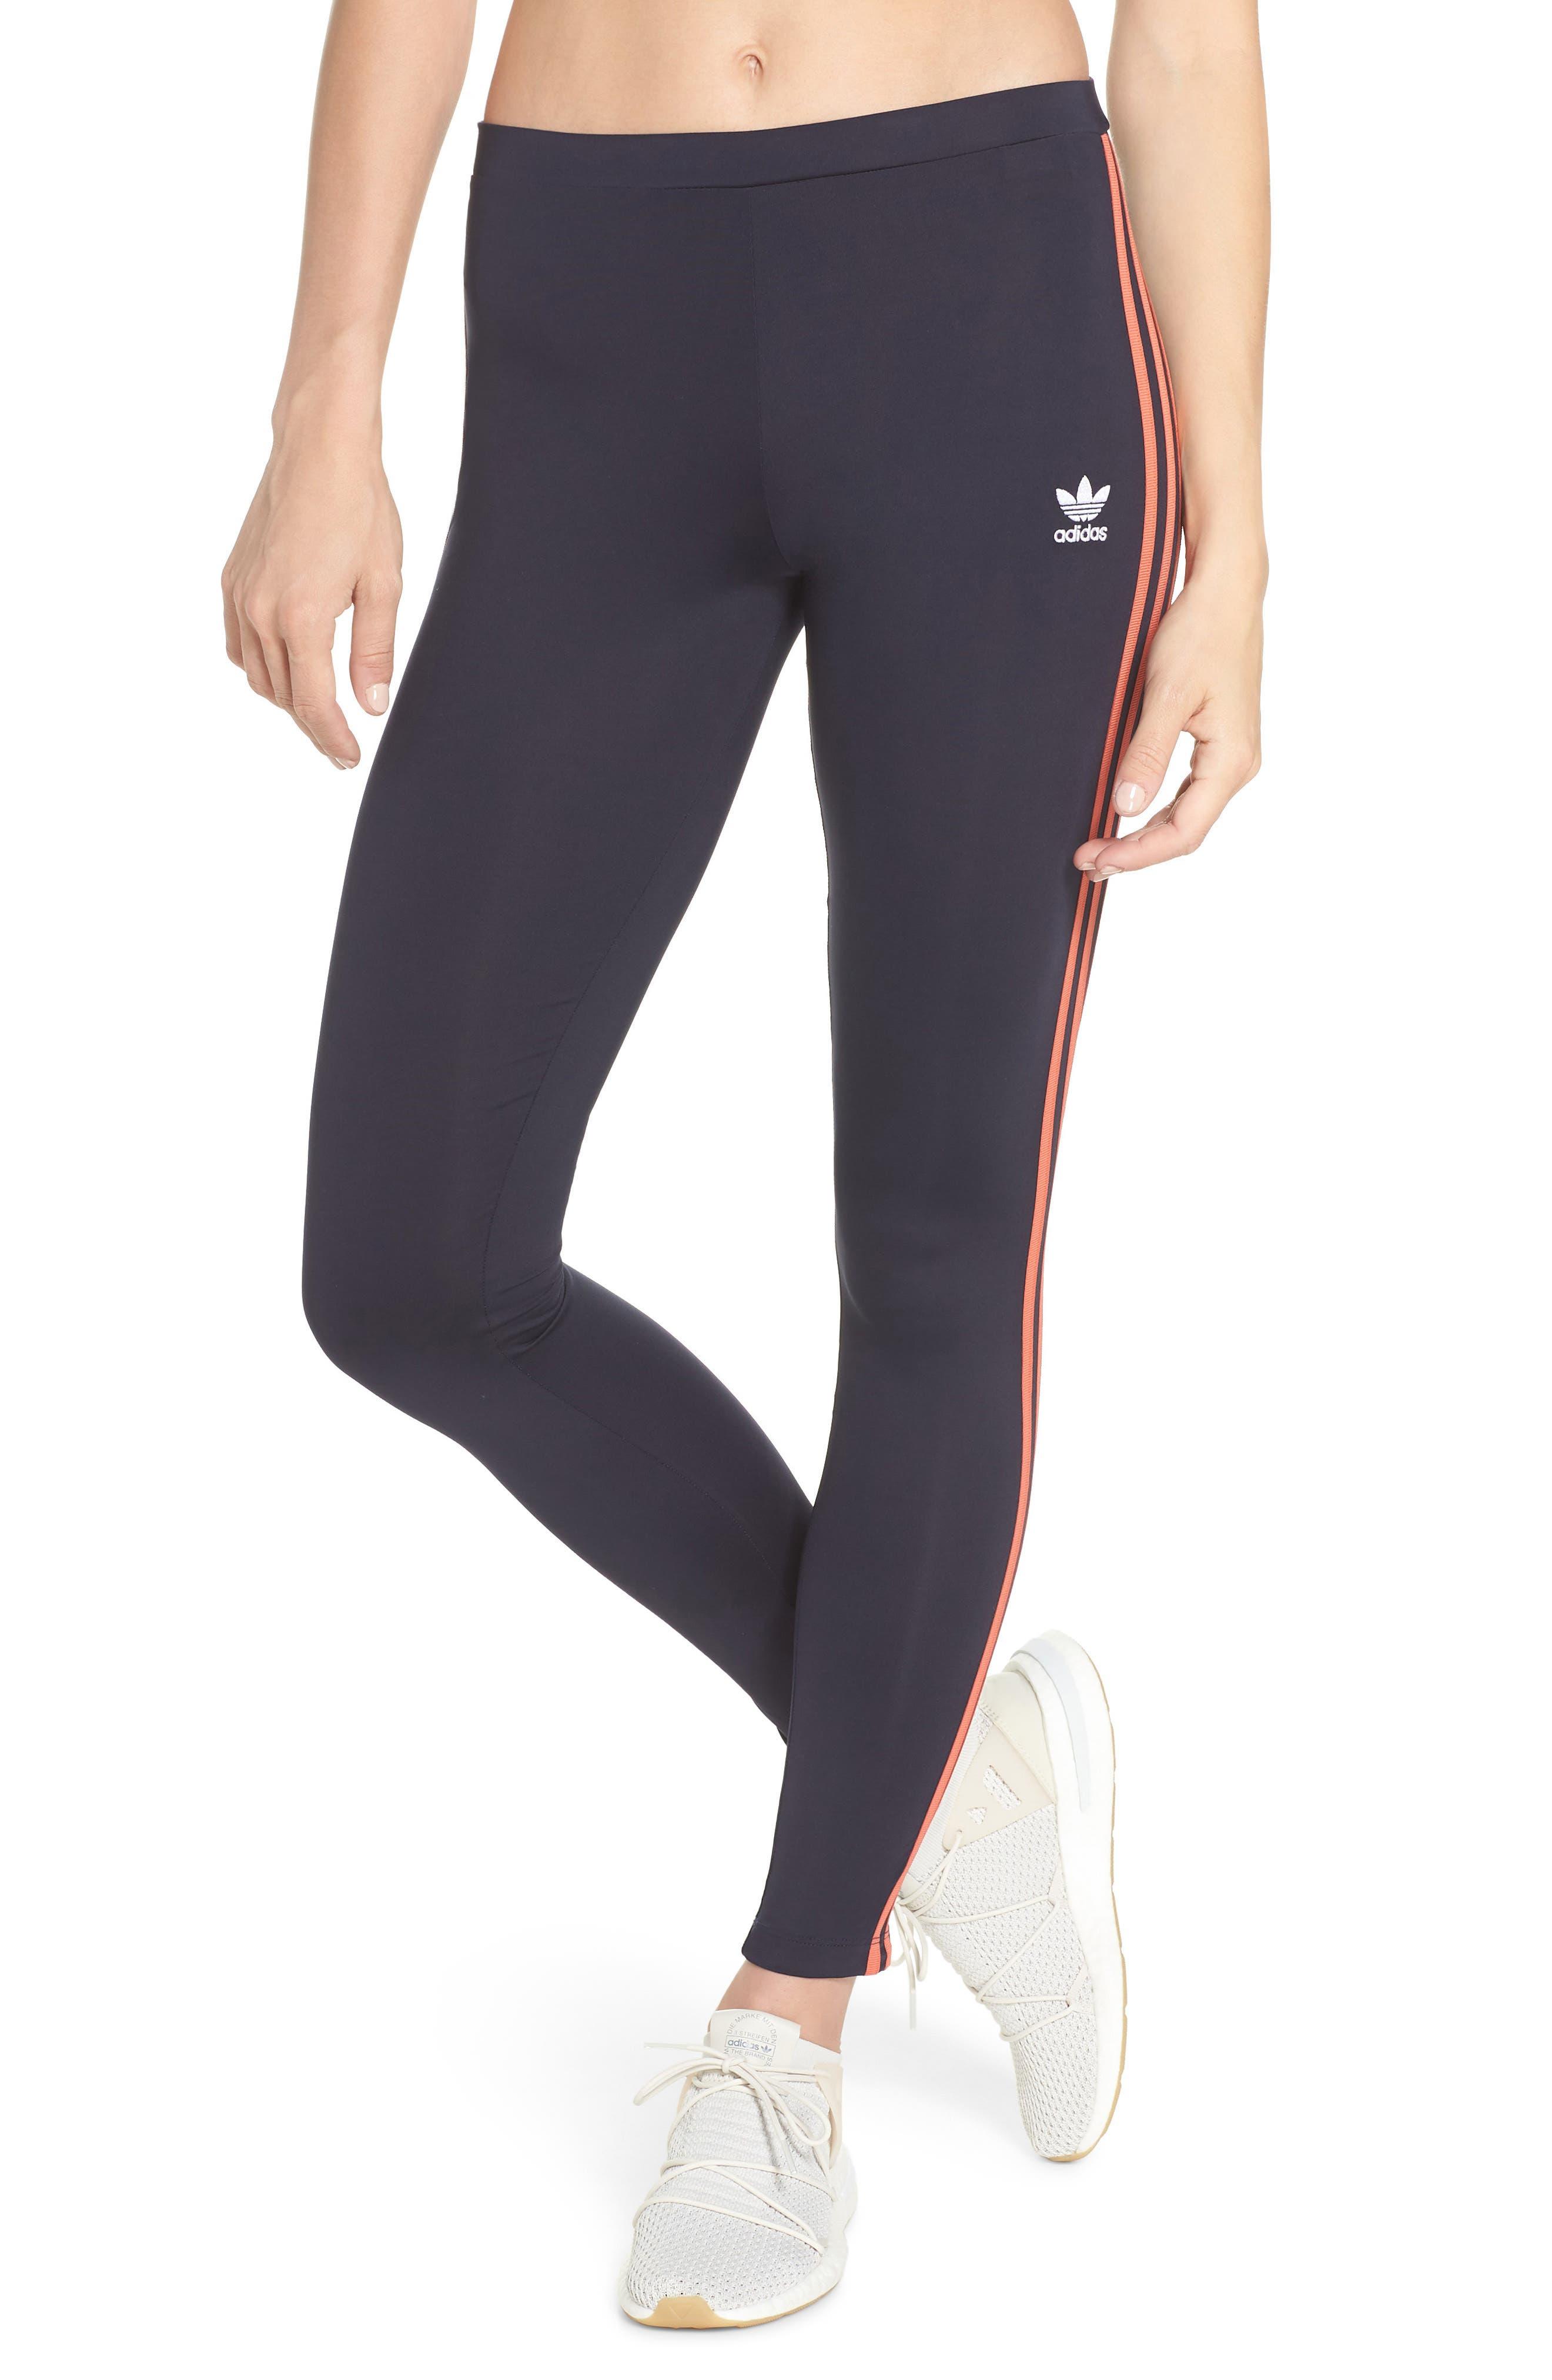 Adidas leggings tutte le donne donne le nordstrom 759c36